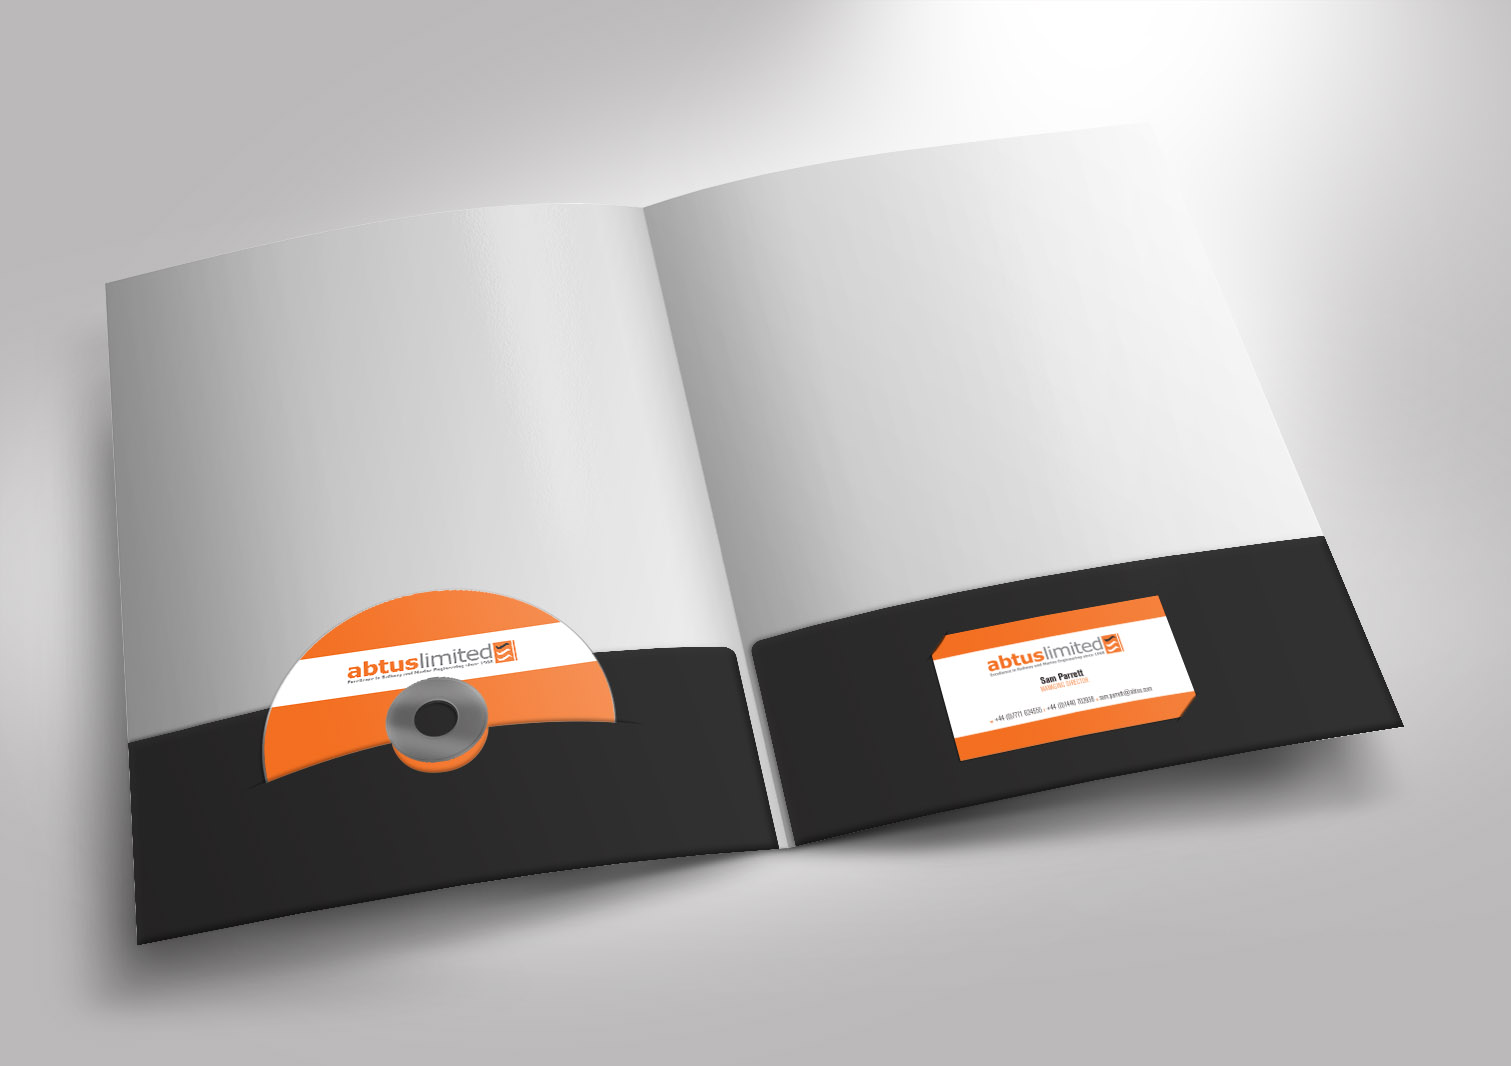 Abtus Limited Presentation Folder Front and Inside